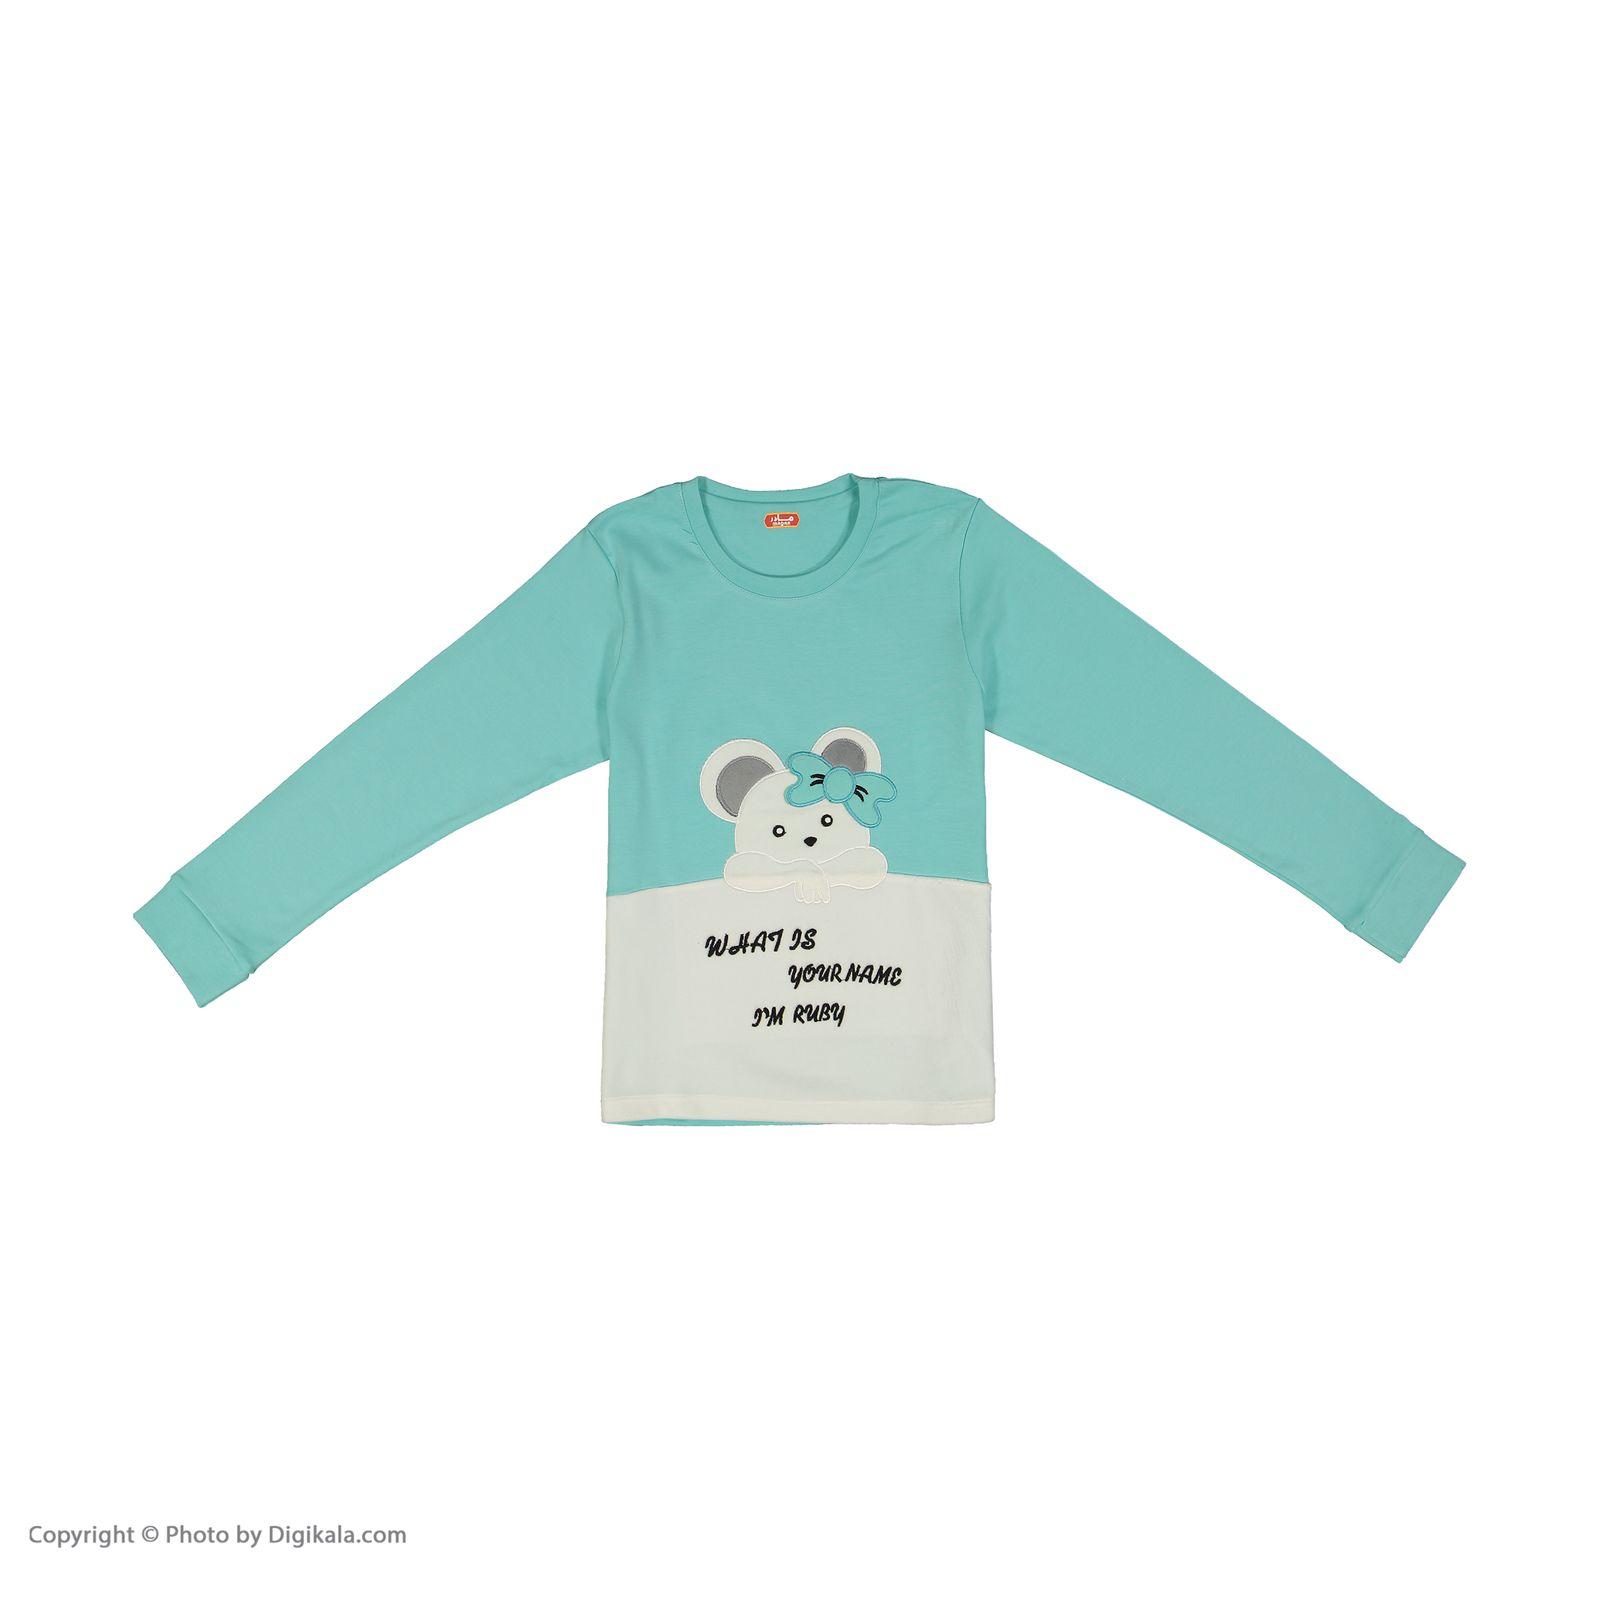 ست تی شرت و شلوار دخترانه مادر مدل 301-54 main 1 2